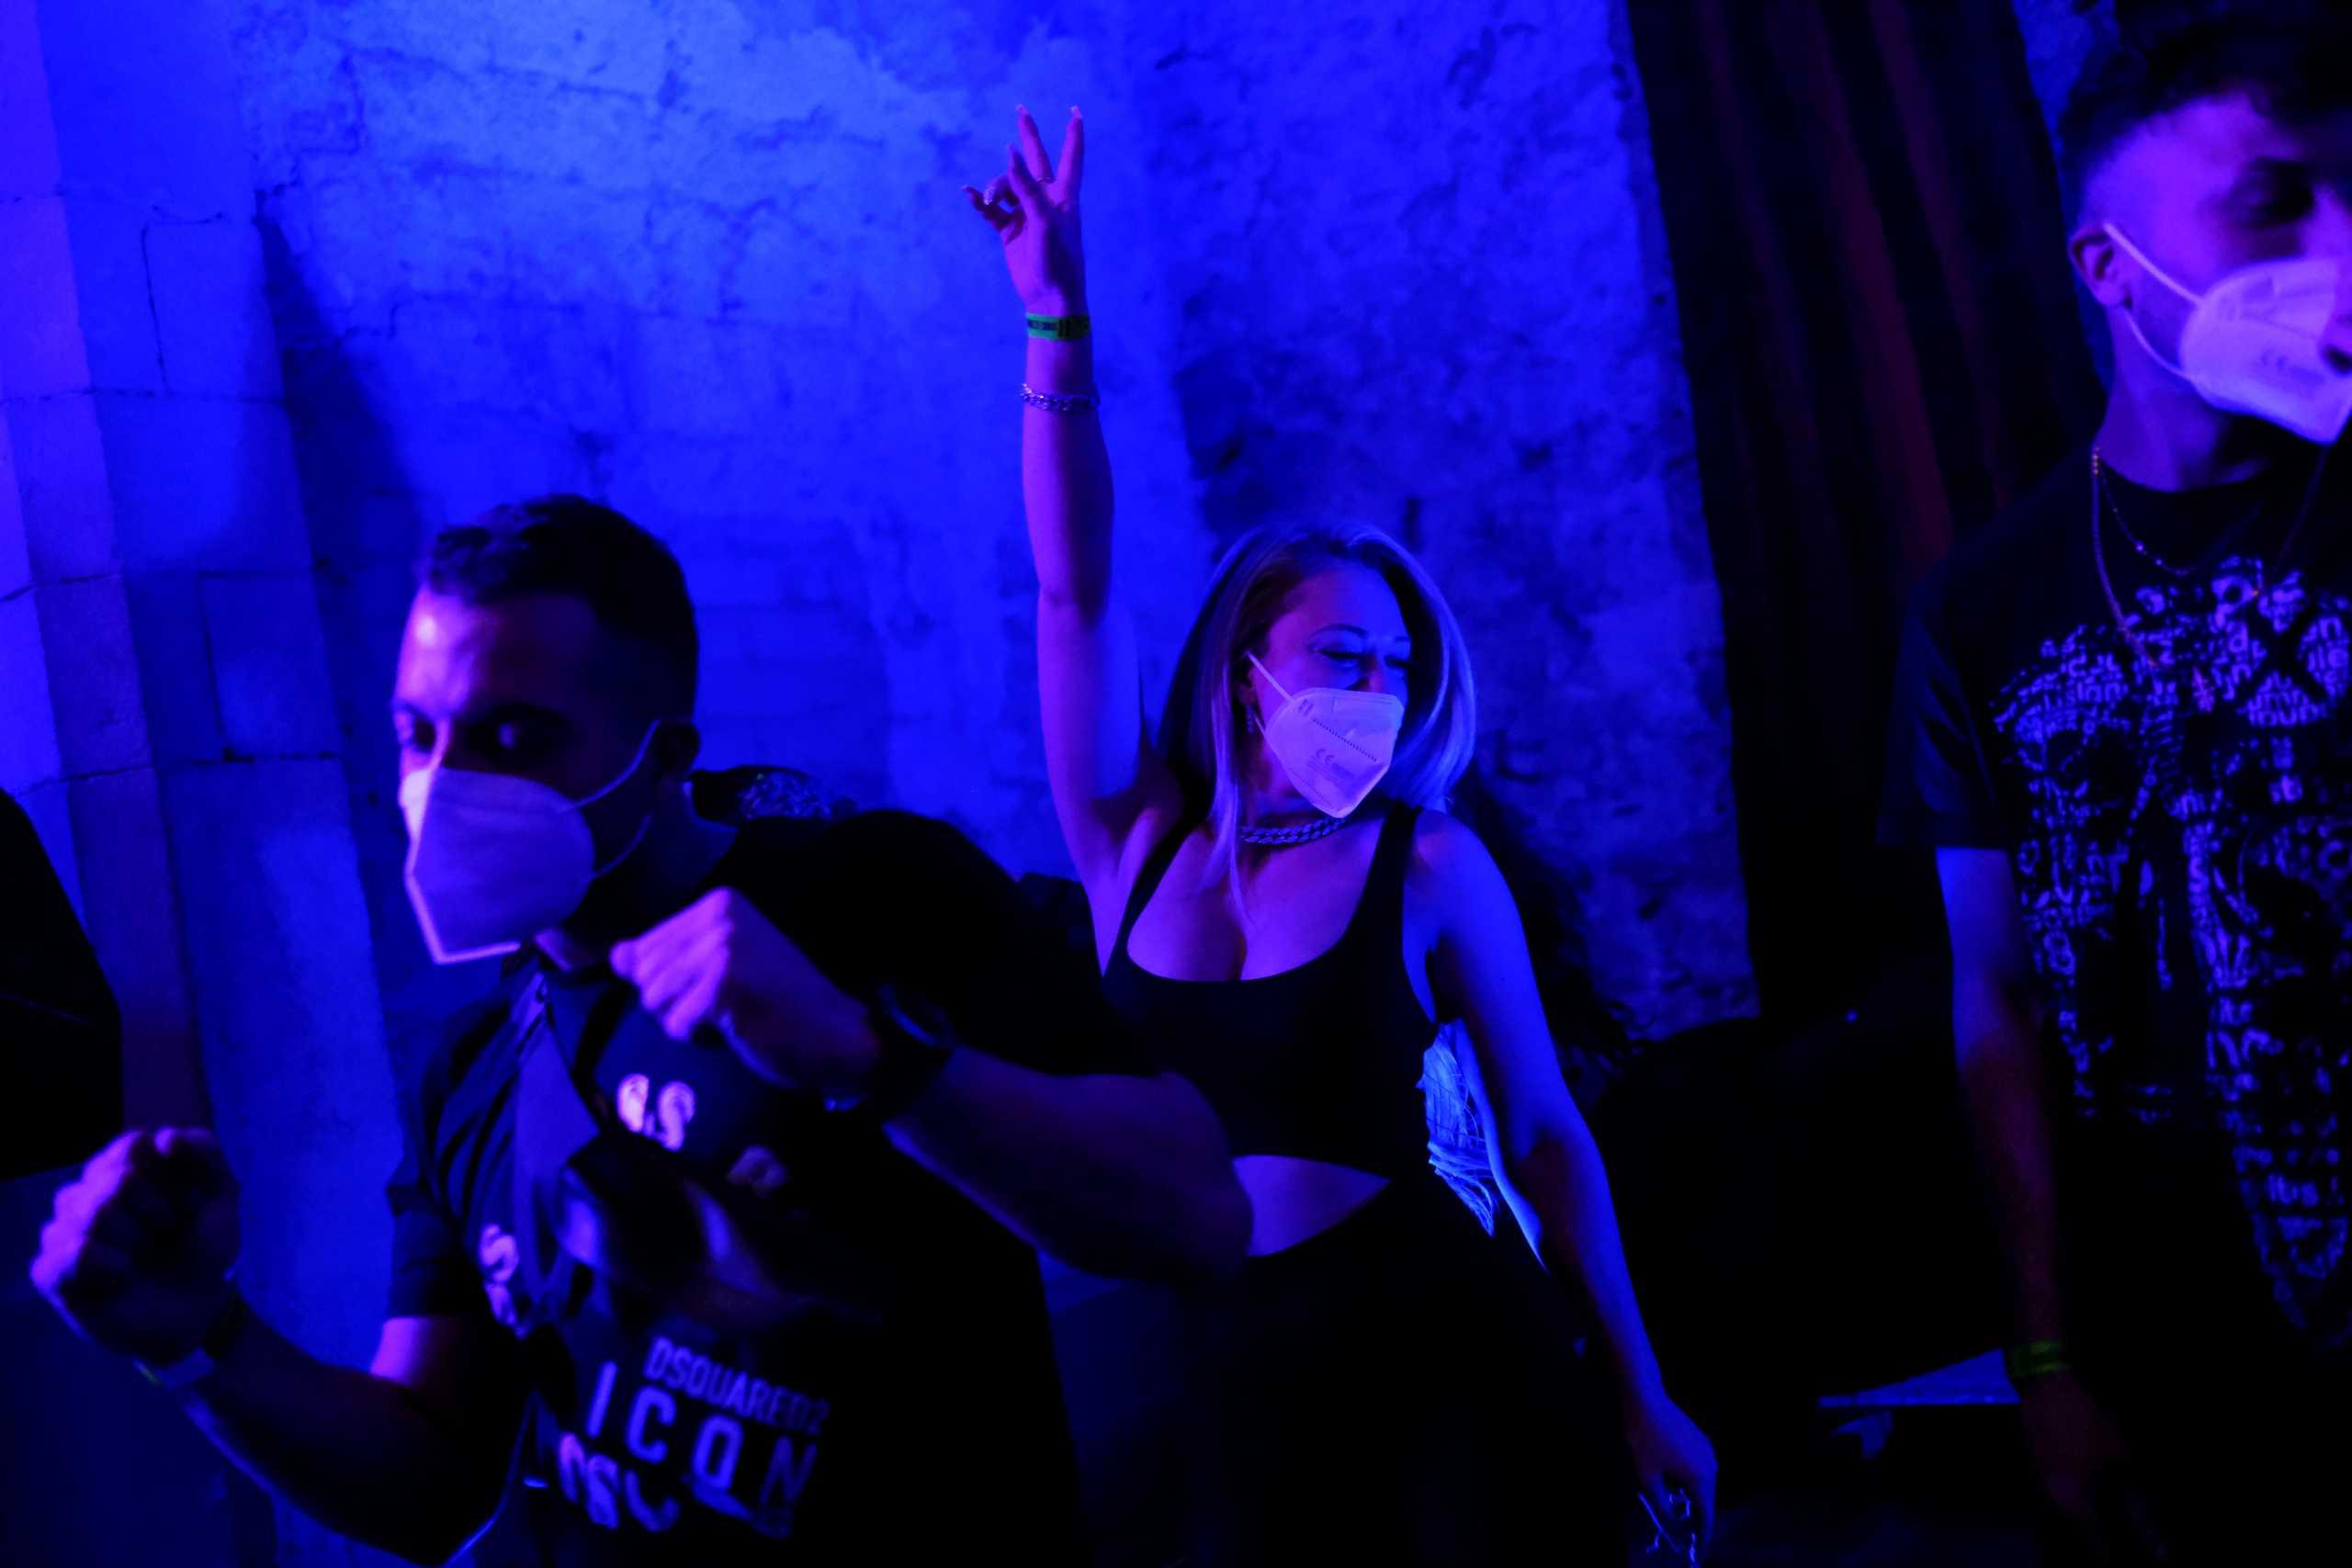 Ισπανία: Μάσκες, τεστ και τρελός χορός – Το πείραμα για άνοιγμα των club στη μέση της πανδημίας